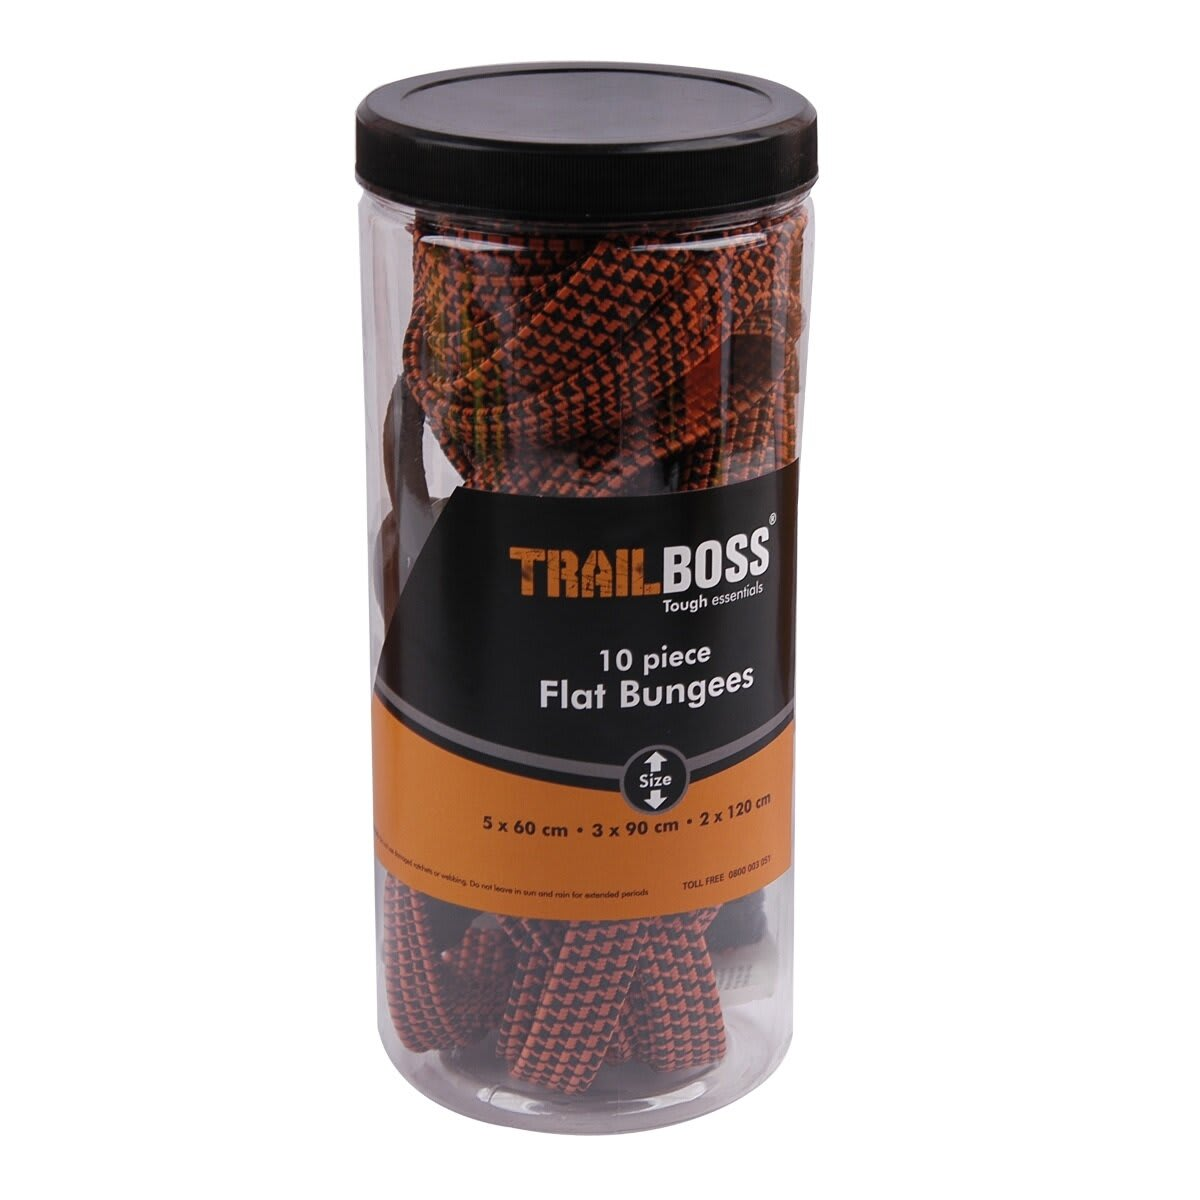 TrailBoss 10PC Flat Bungees